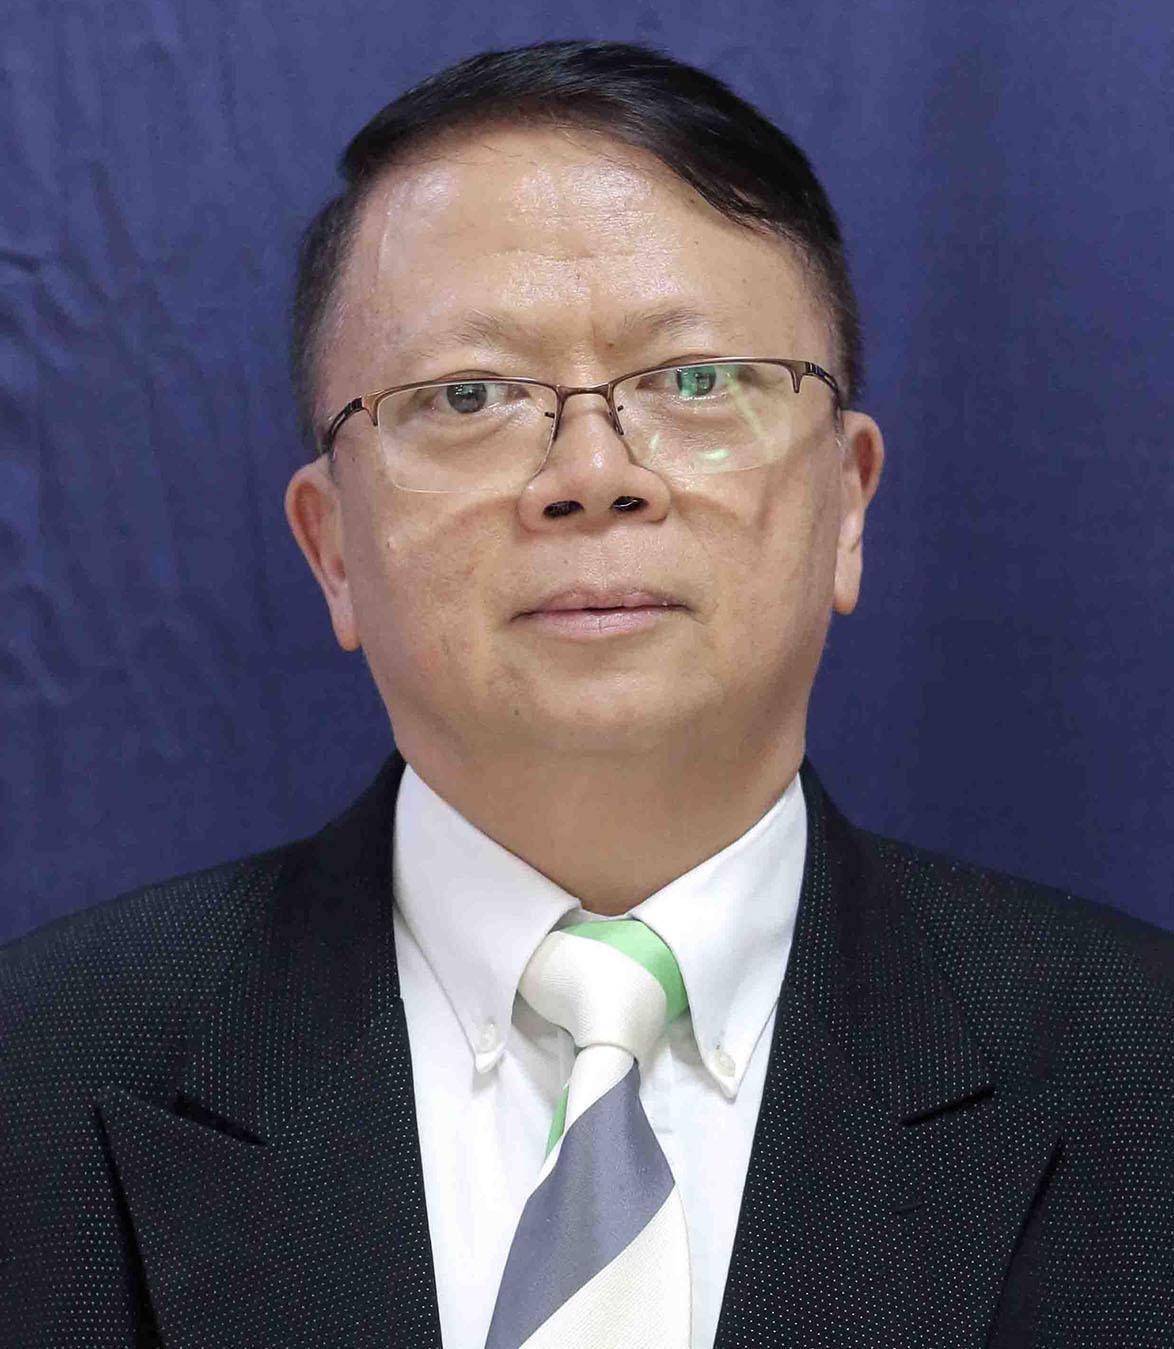 Herman Gunawan